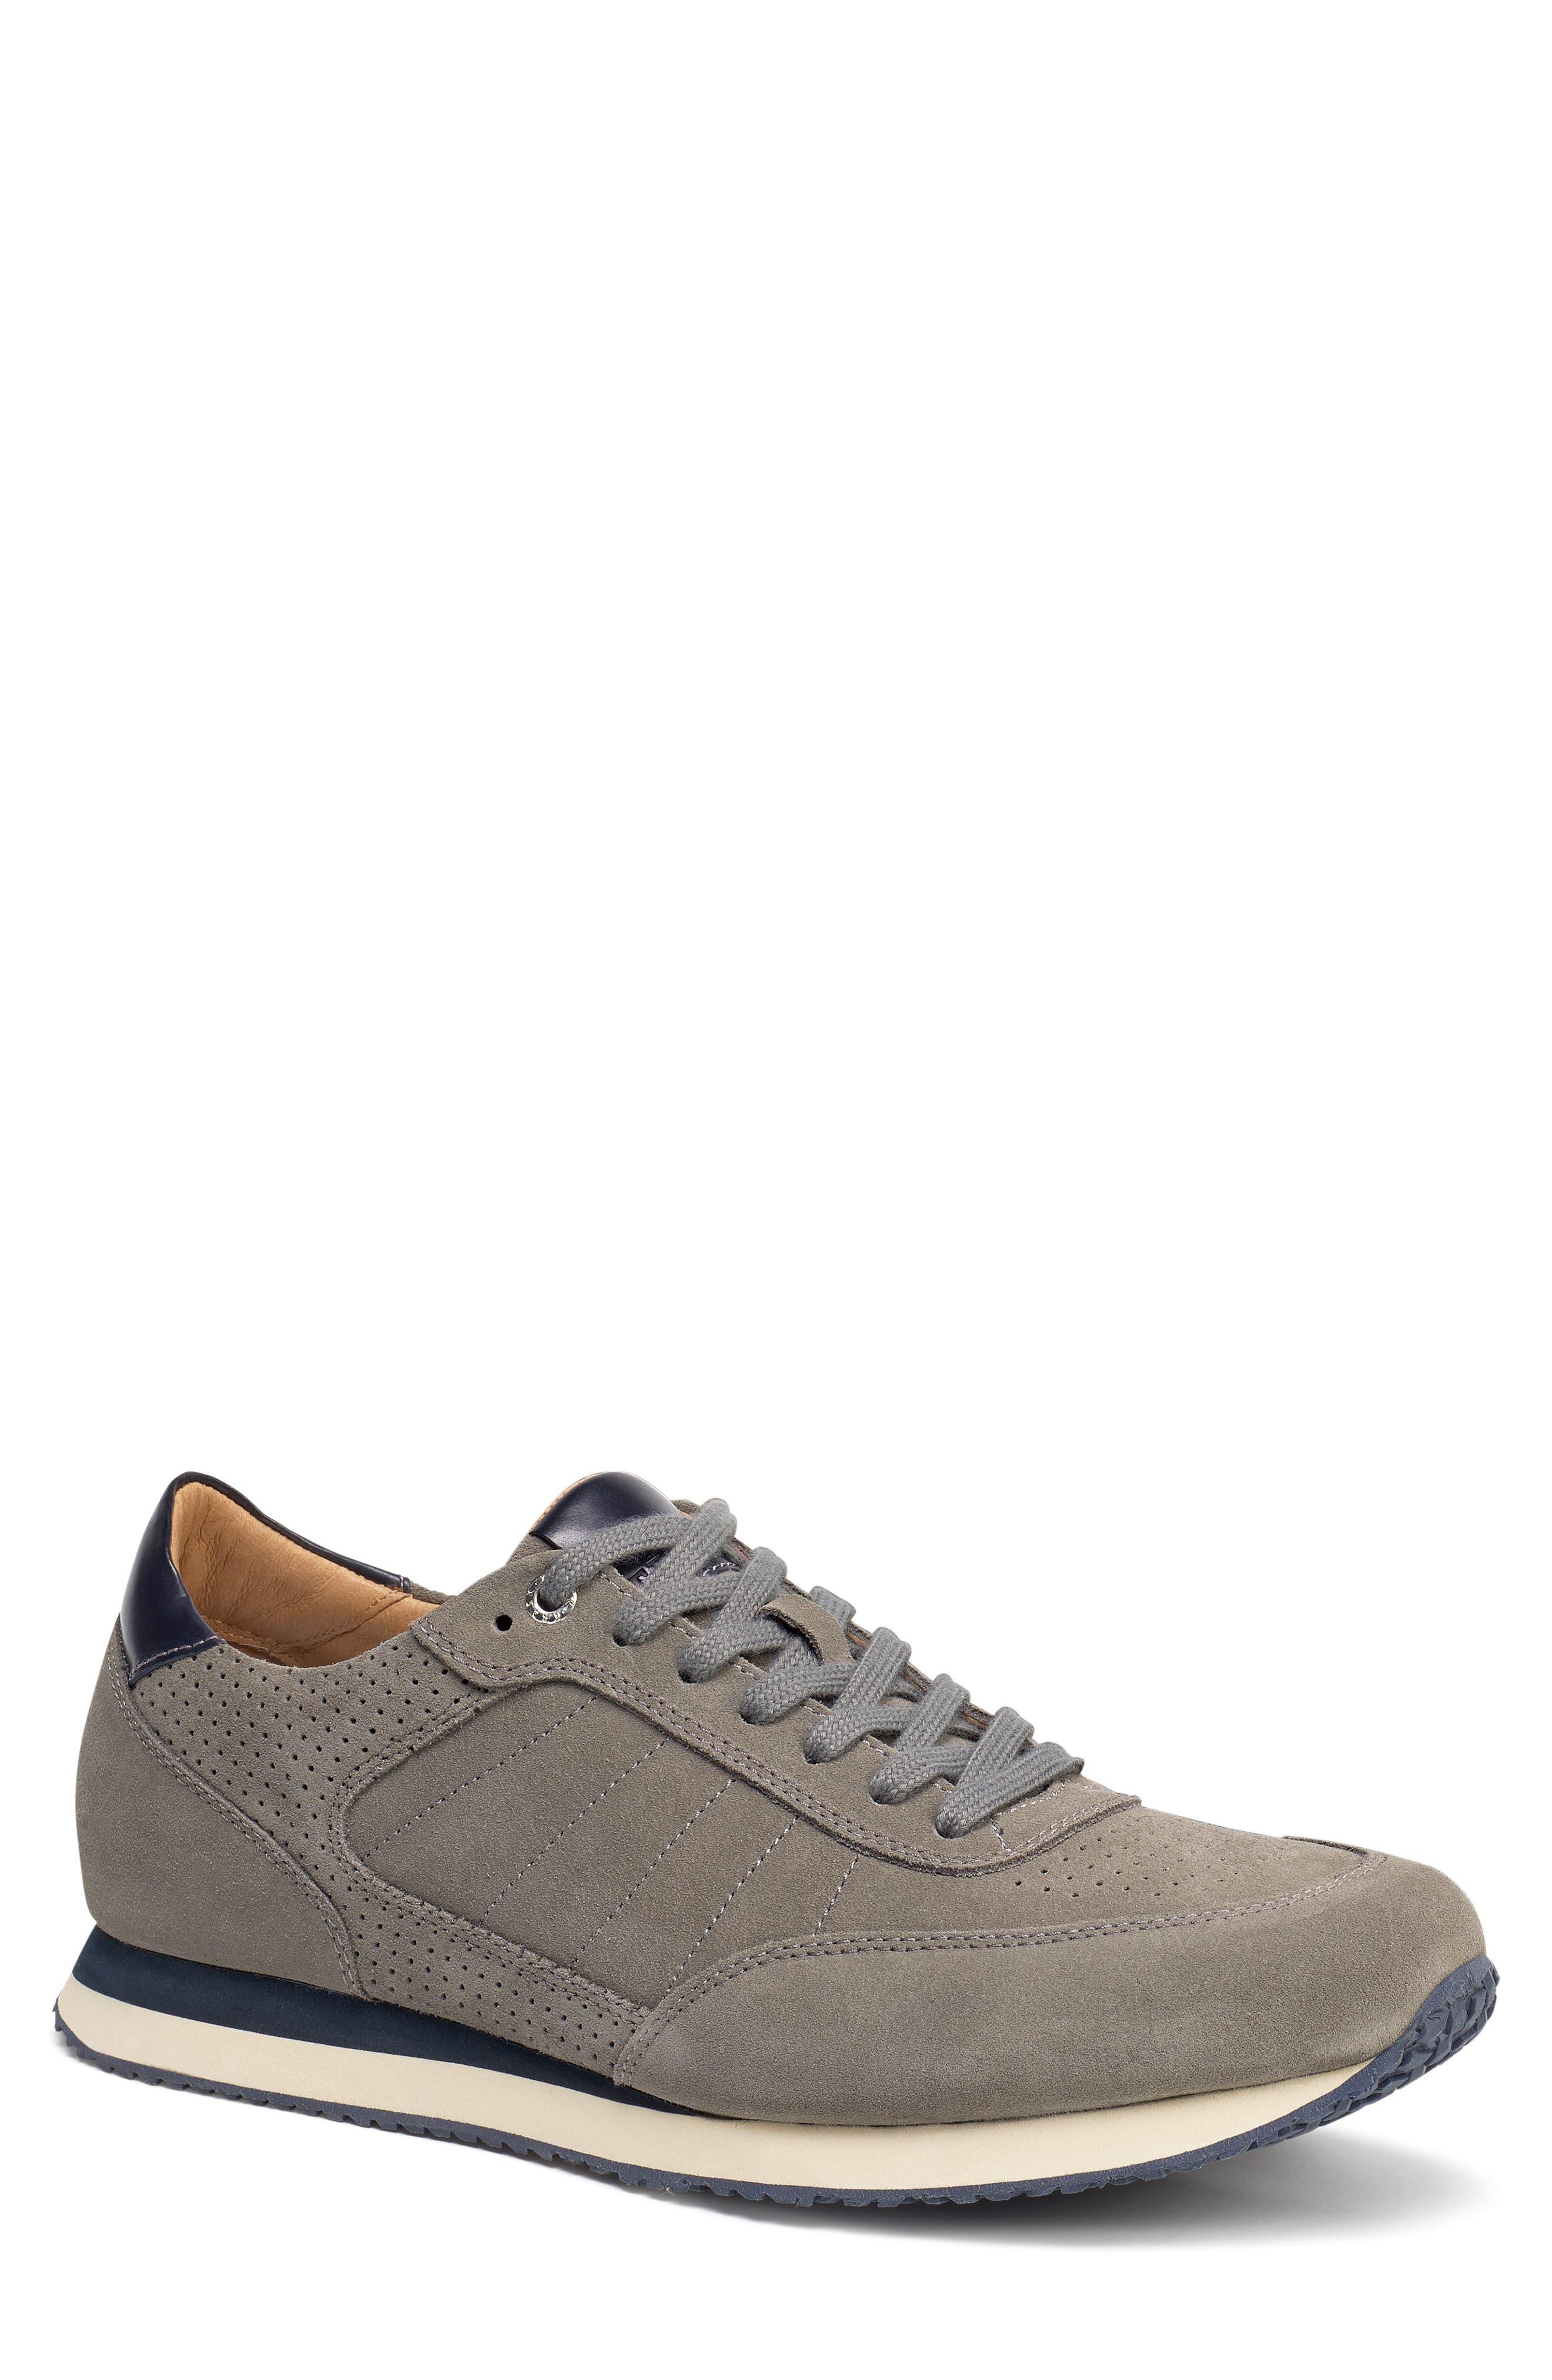 Aiden Sneaker,                         Main,                         color, GREY SUEDE